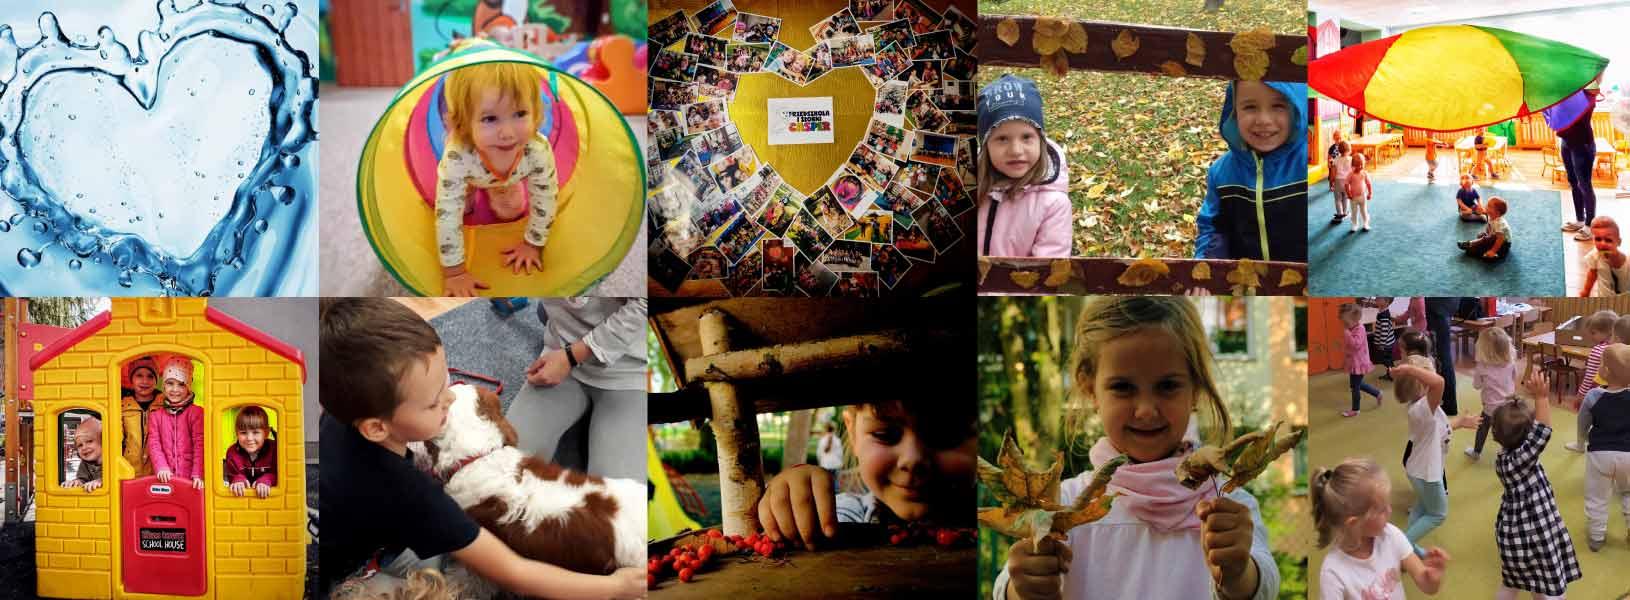 Rekrutacja do Casperka, lubartów, przedszkole i żłobek, dzieci